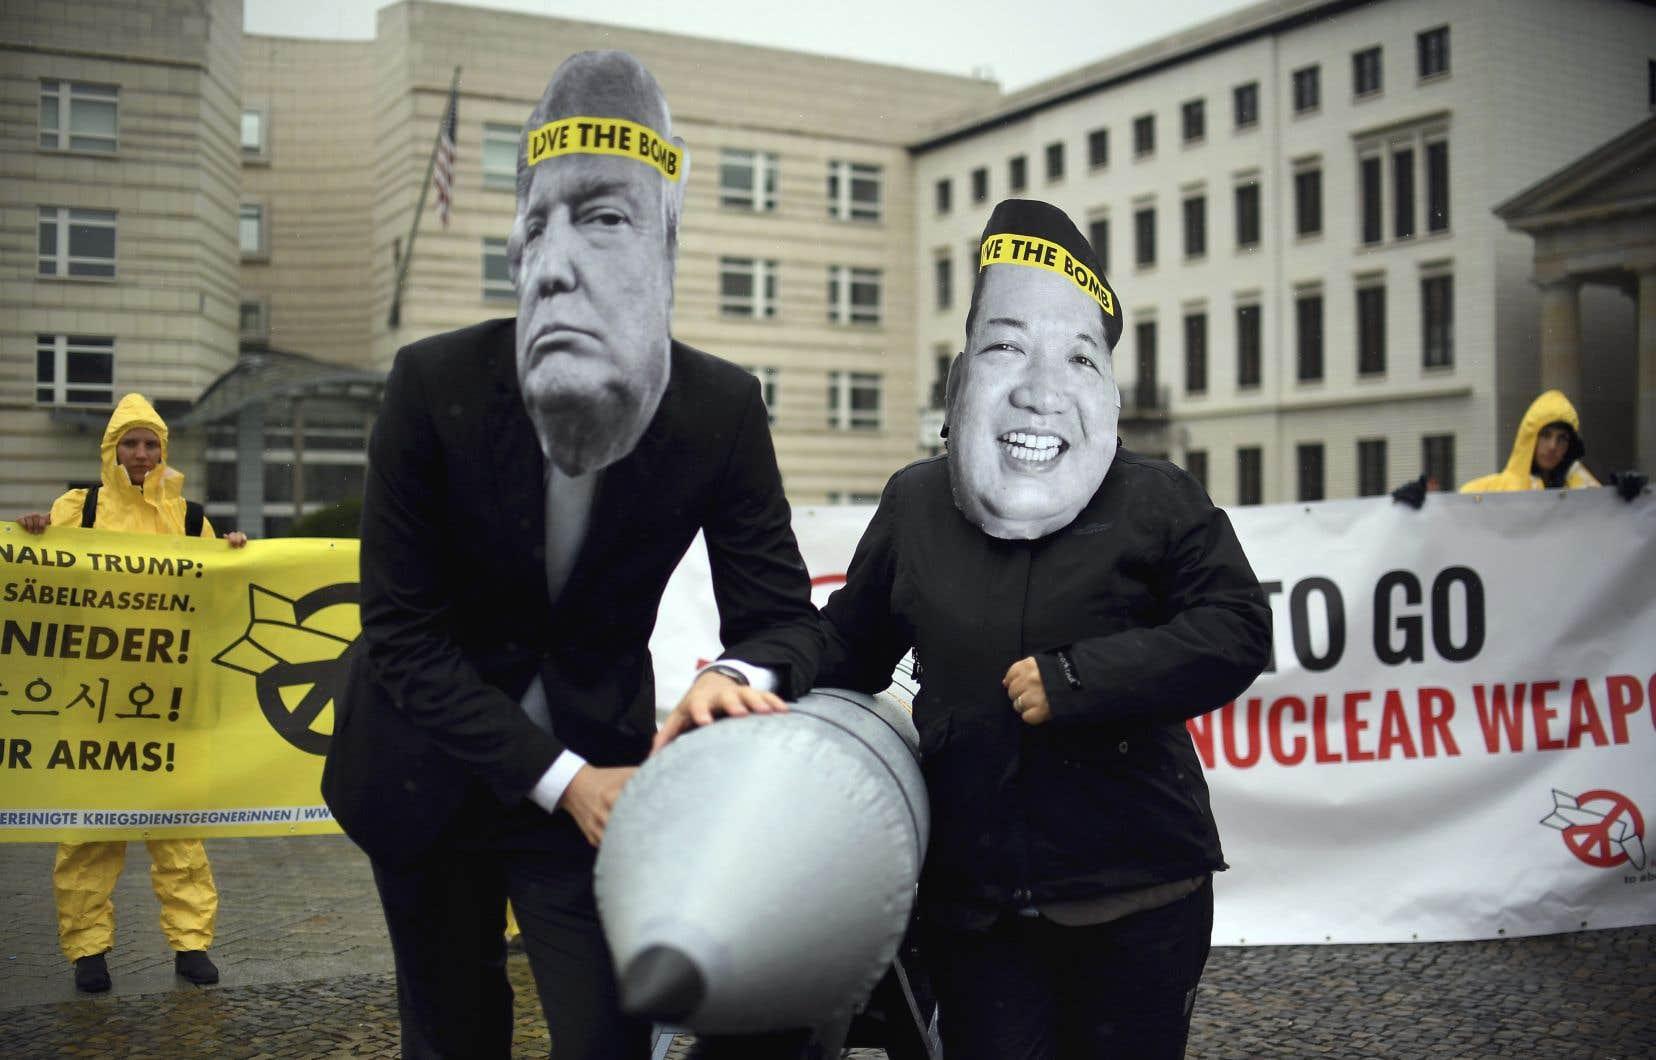 Déguisés avec des masques de Donald Trump et de Kim Jong-un, des militants de l'ICAN ont manifesté contre le conflit entre les États-Unis et la Corée du Nord, en septembre dernier, devant l'ambassade américaine à Berlin.